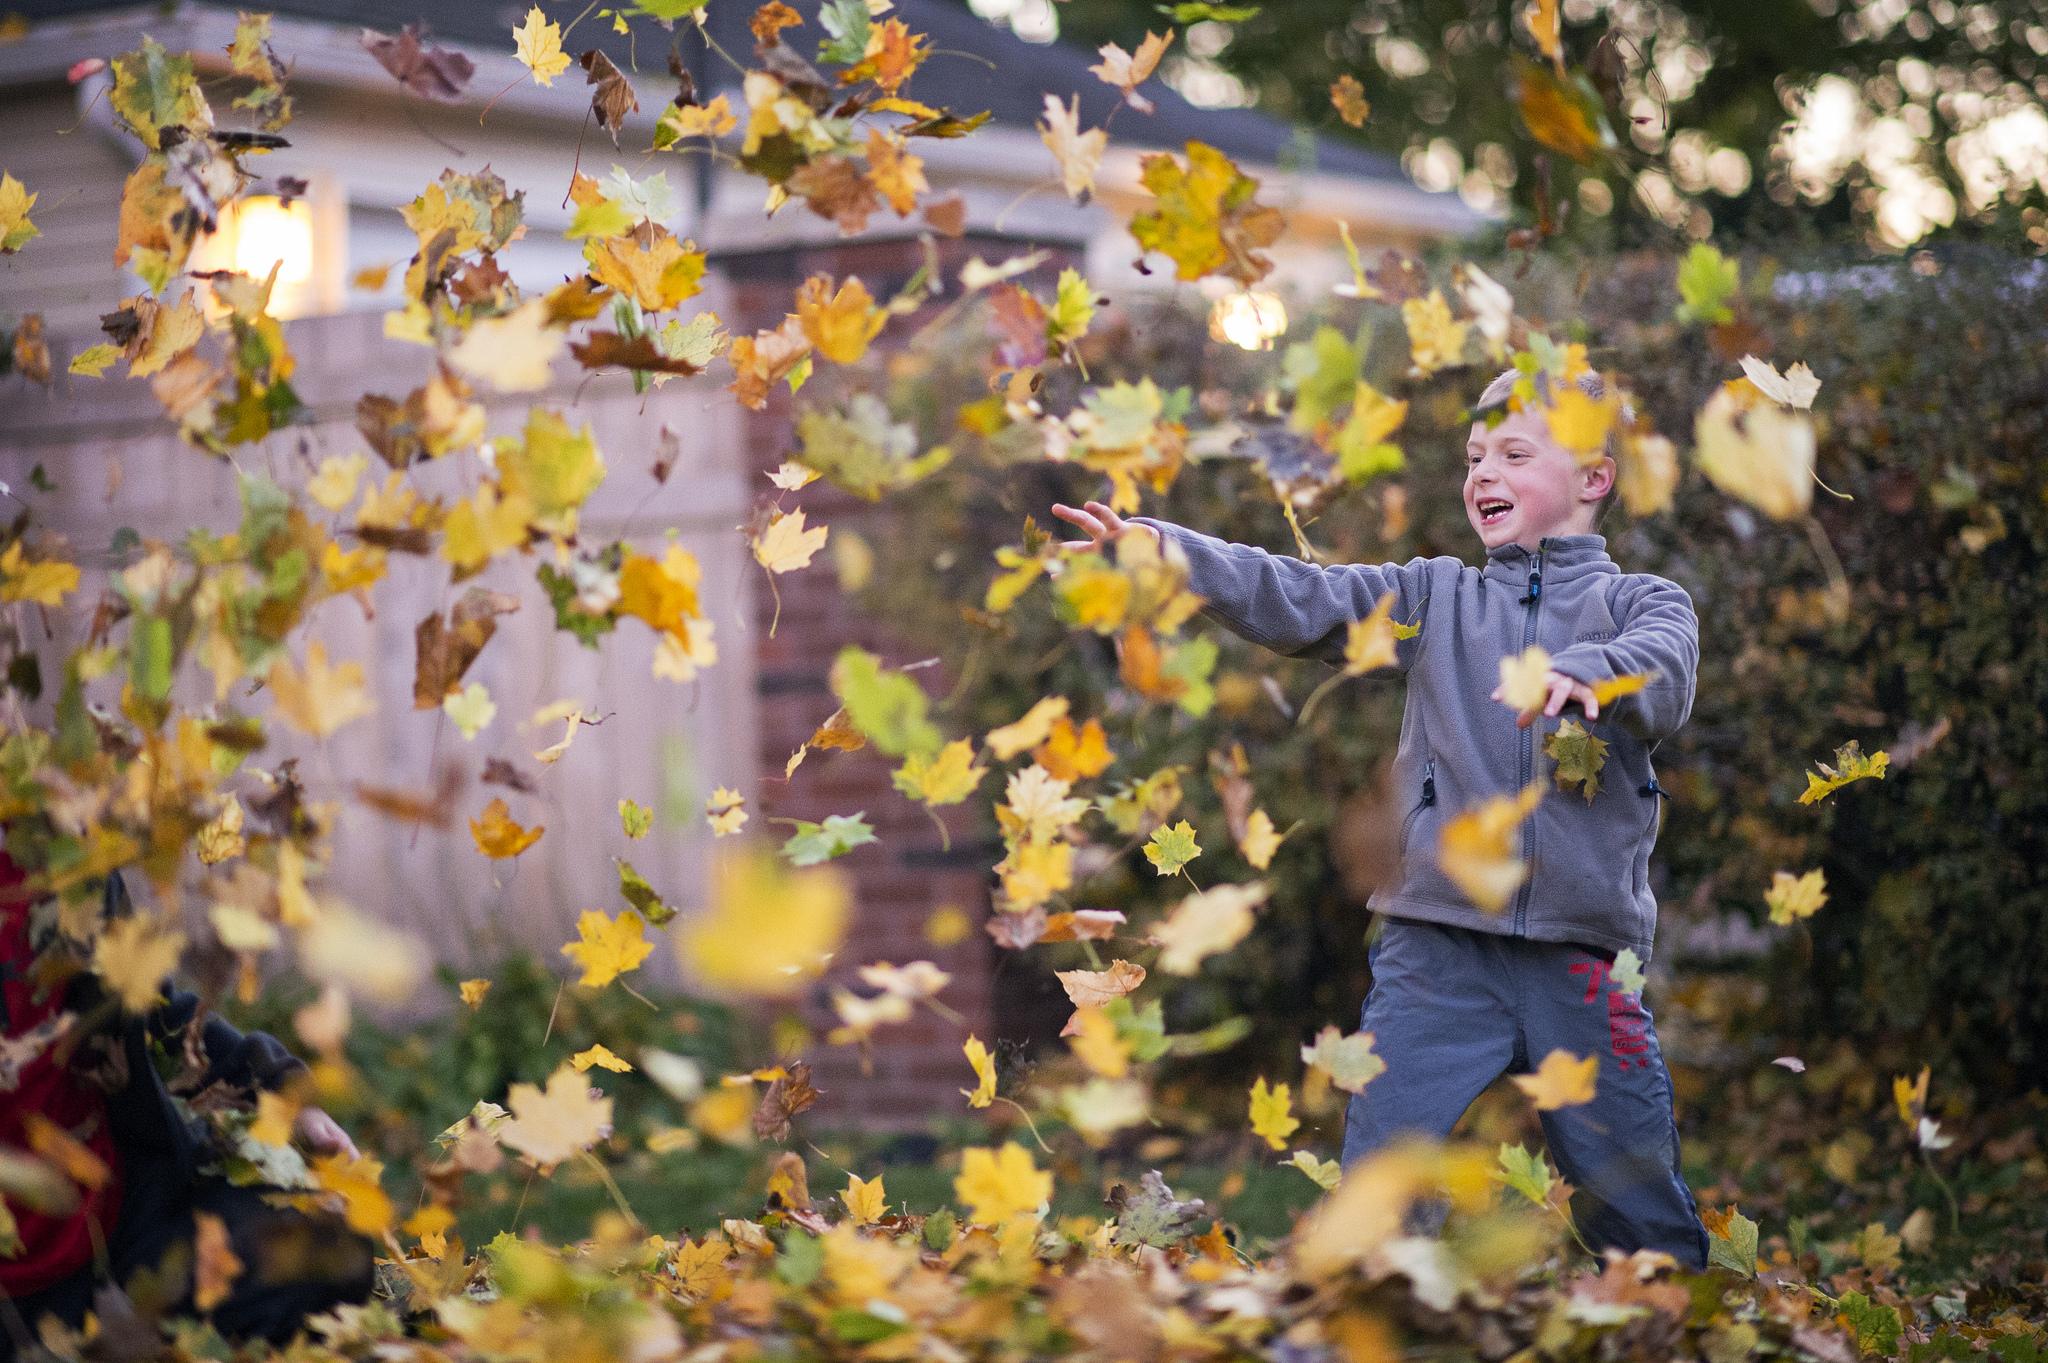 Joy of Autumn by Ben Grey